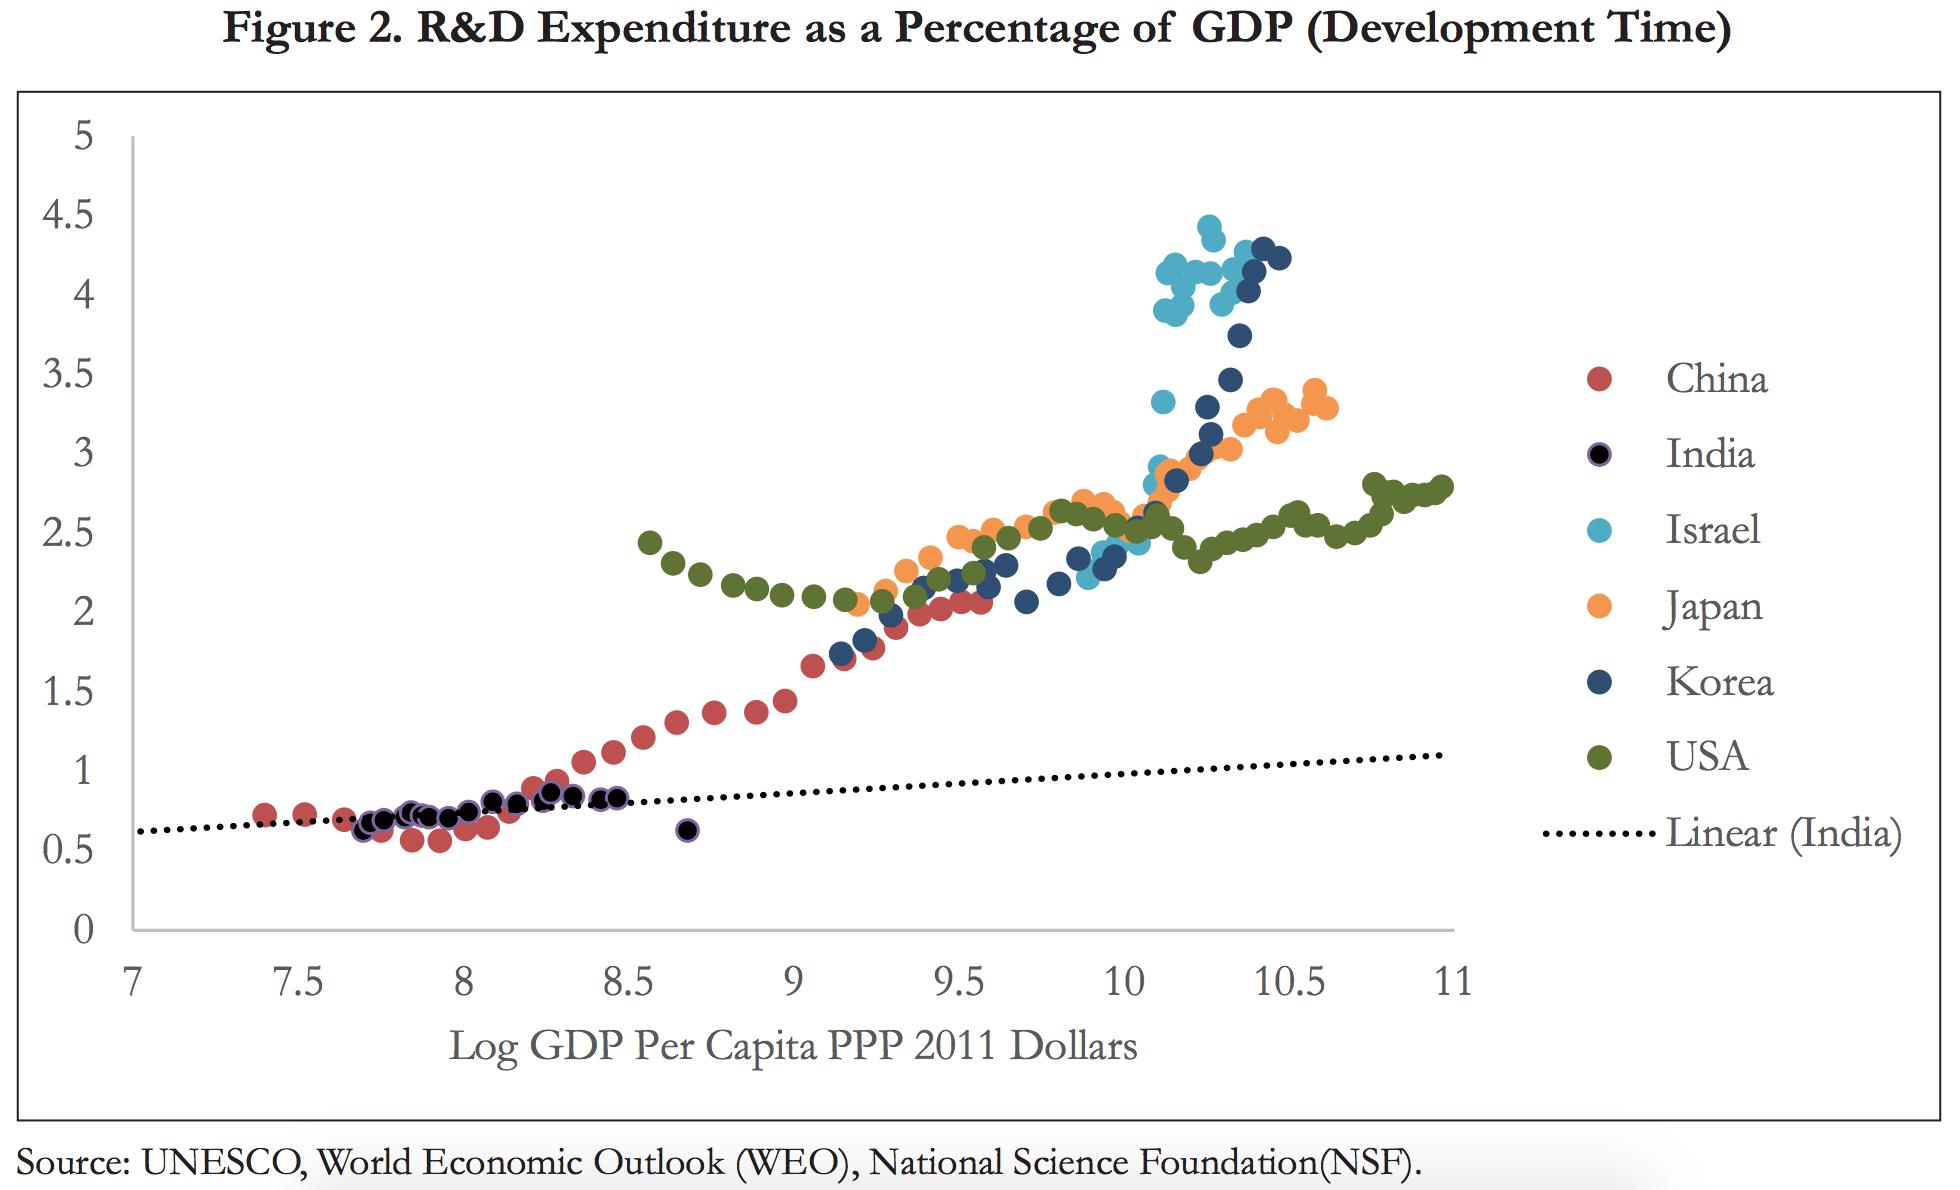 Source: Economic Survey 2017-18